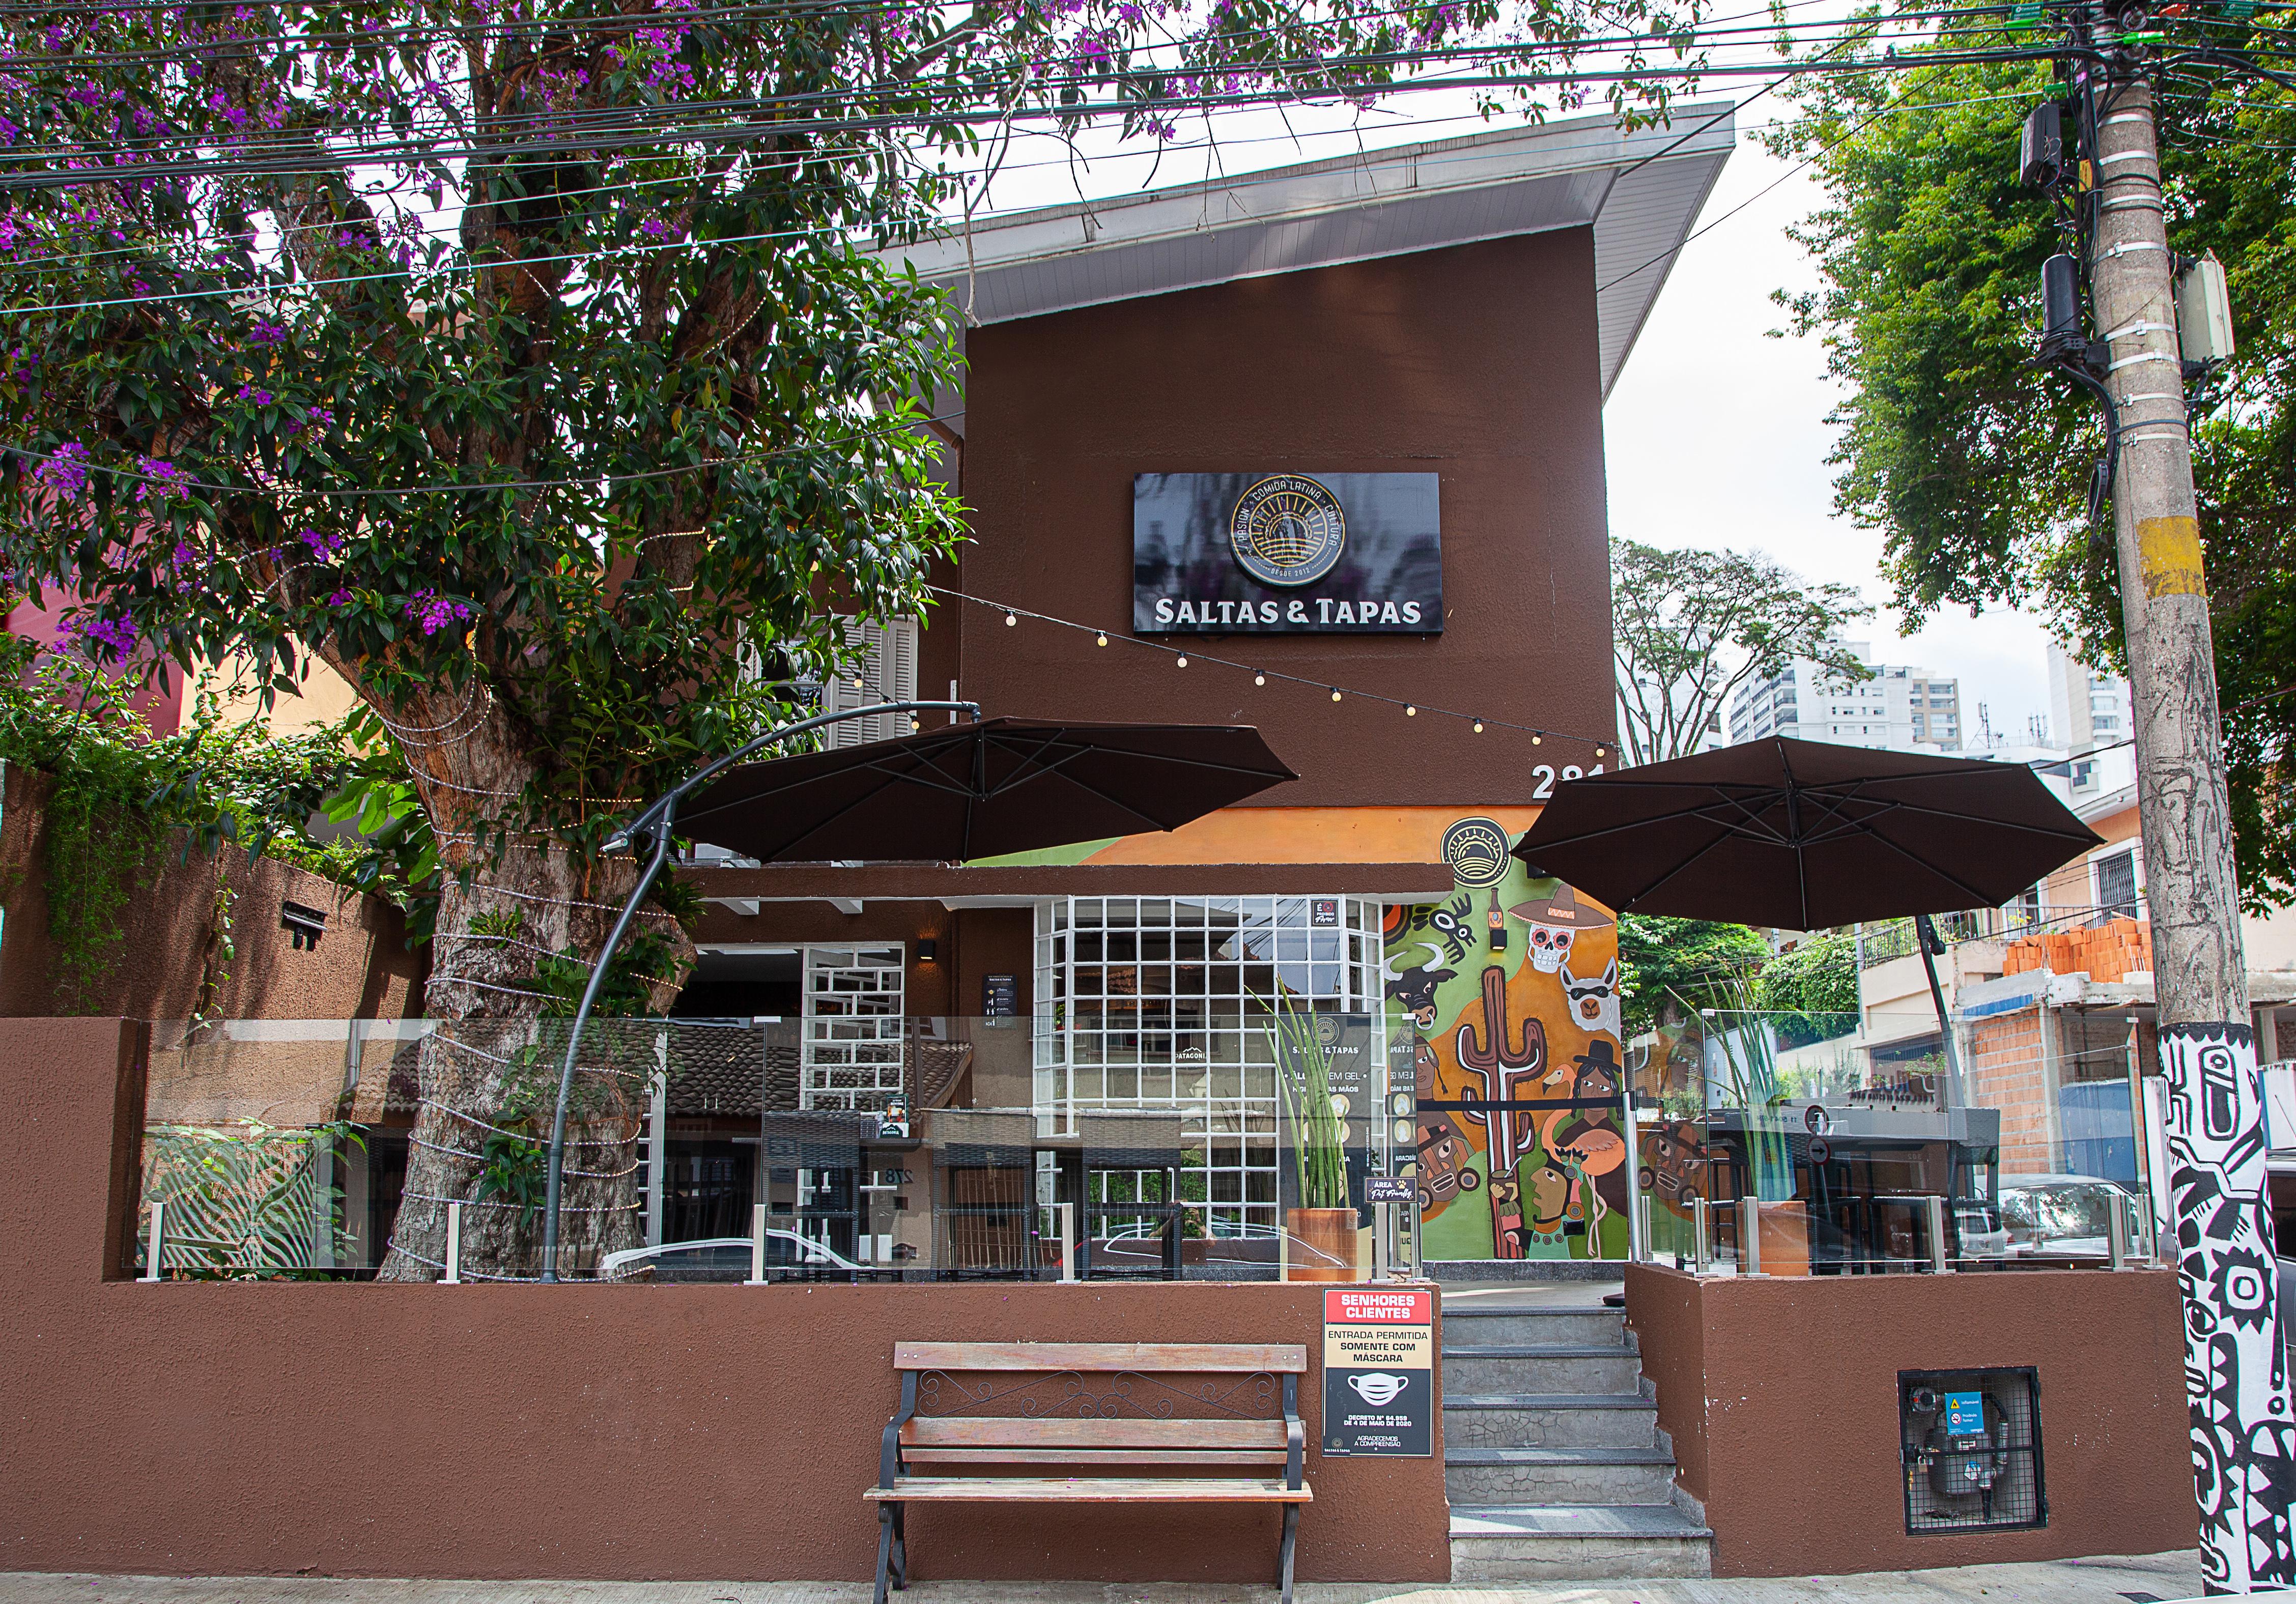 Fachada do bar: instalado em uma antiga residência